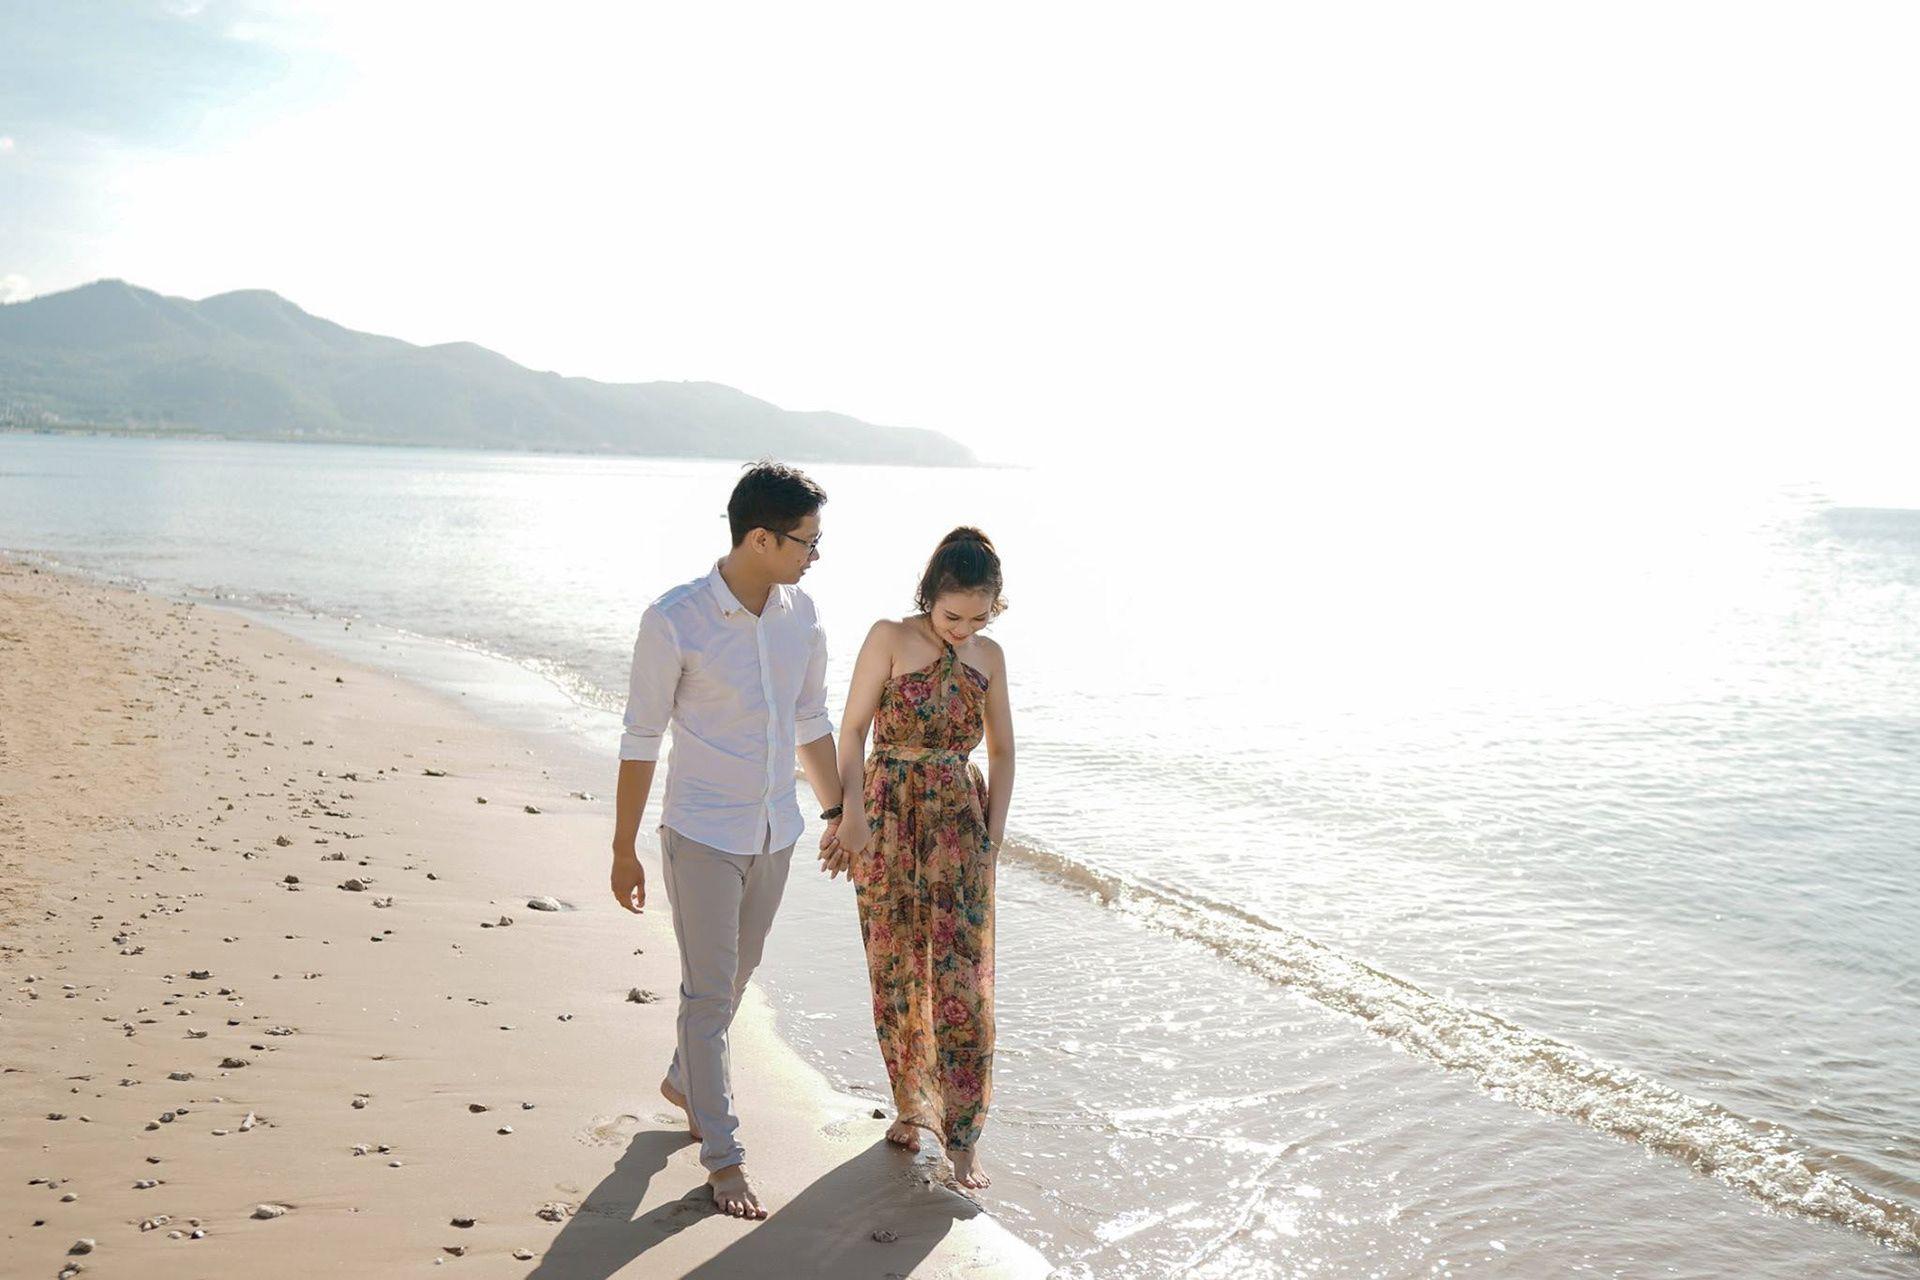 Ảnh cùng nắm tay nhau đi dạo bờ biển